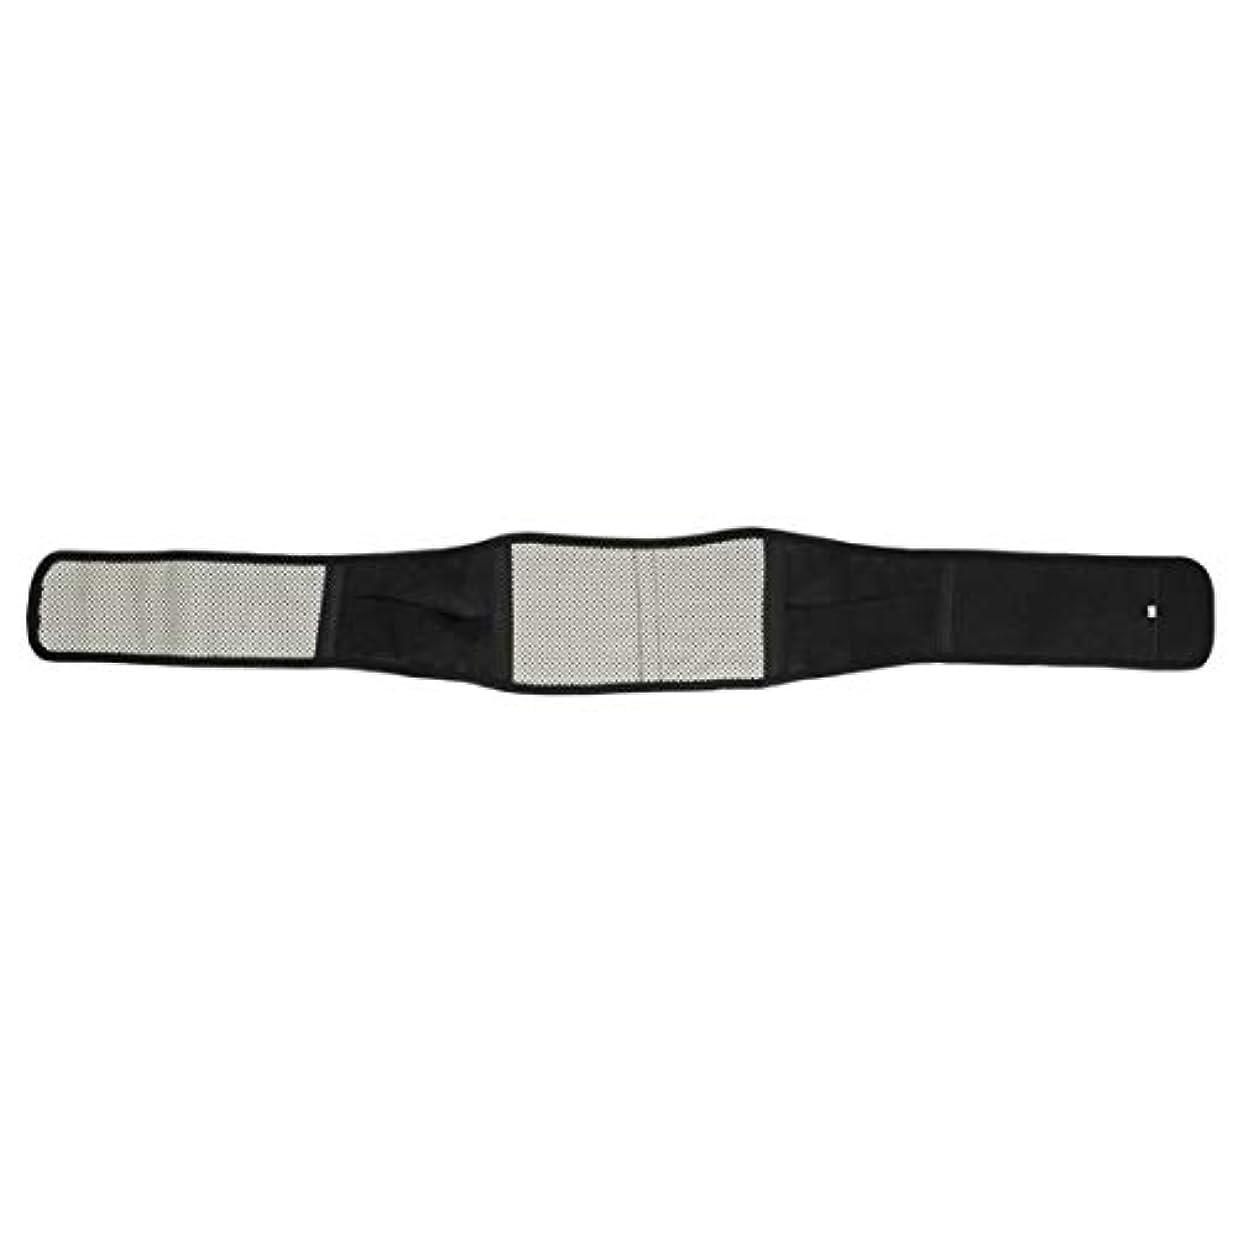 贅沢な定期的なフィット腰部サポート痛みマッサージャー赤外線磁気バックブレース自己加熱療法ウエストベルト調節可能な姿勢ベルト